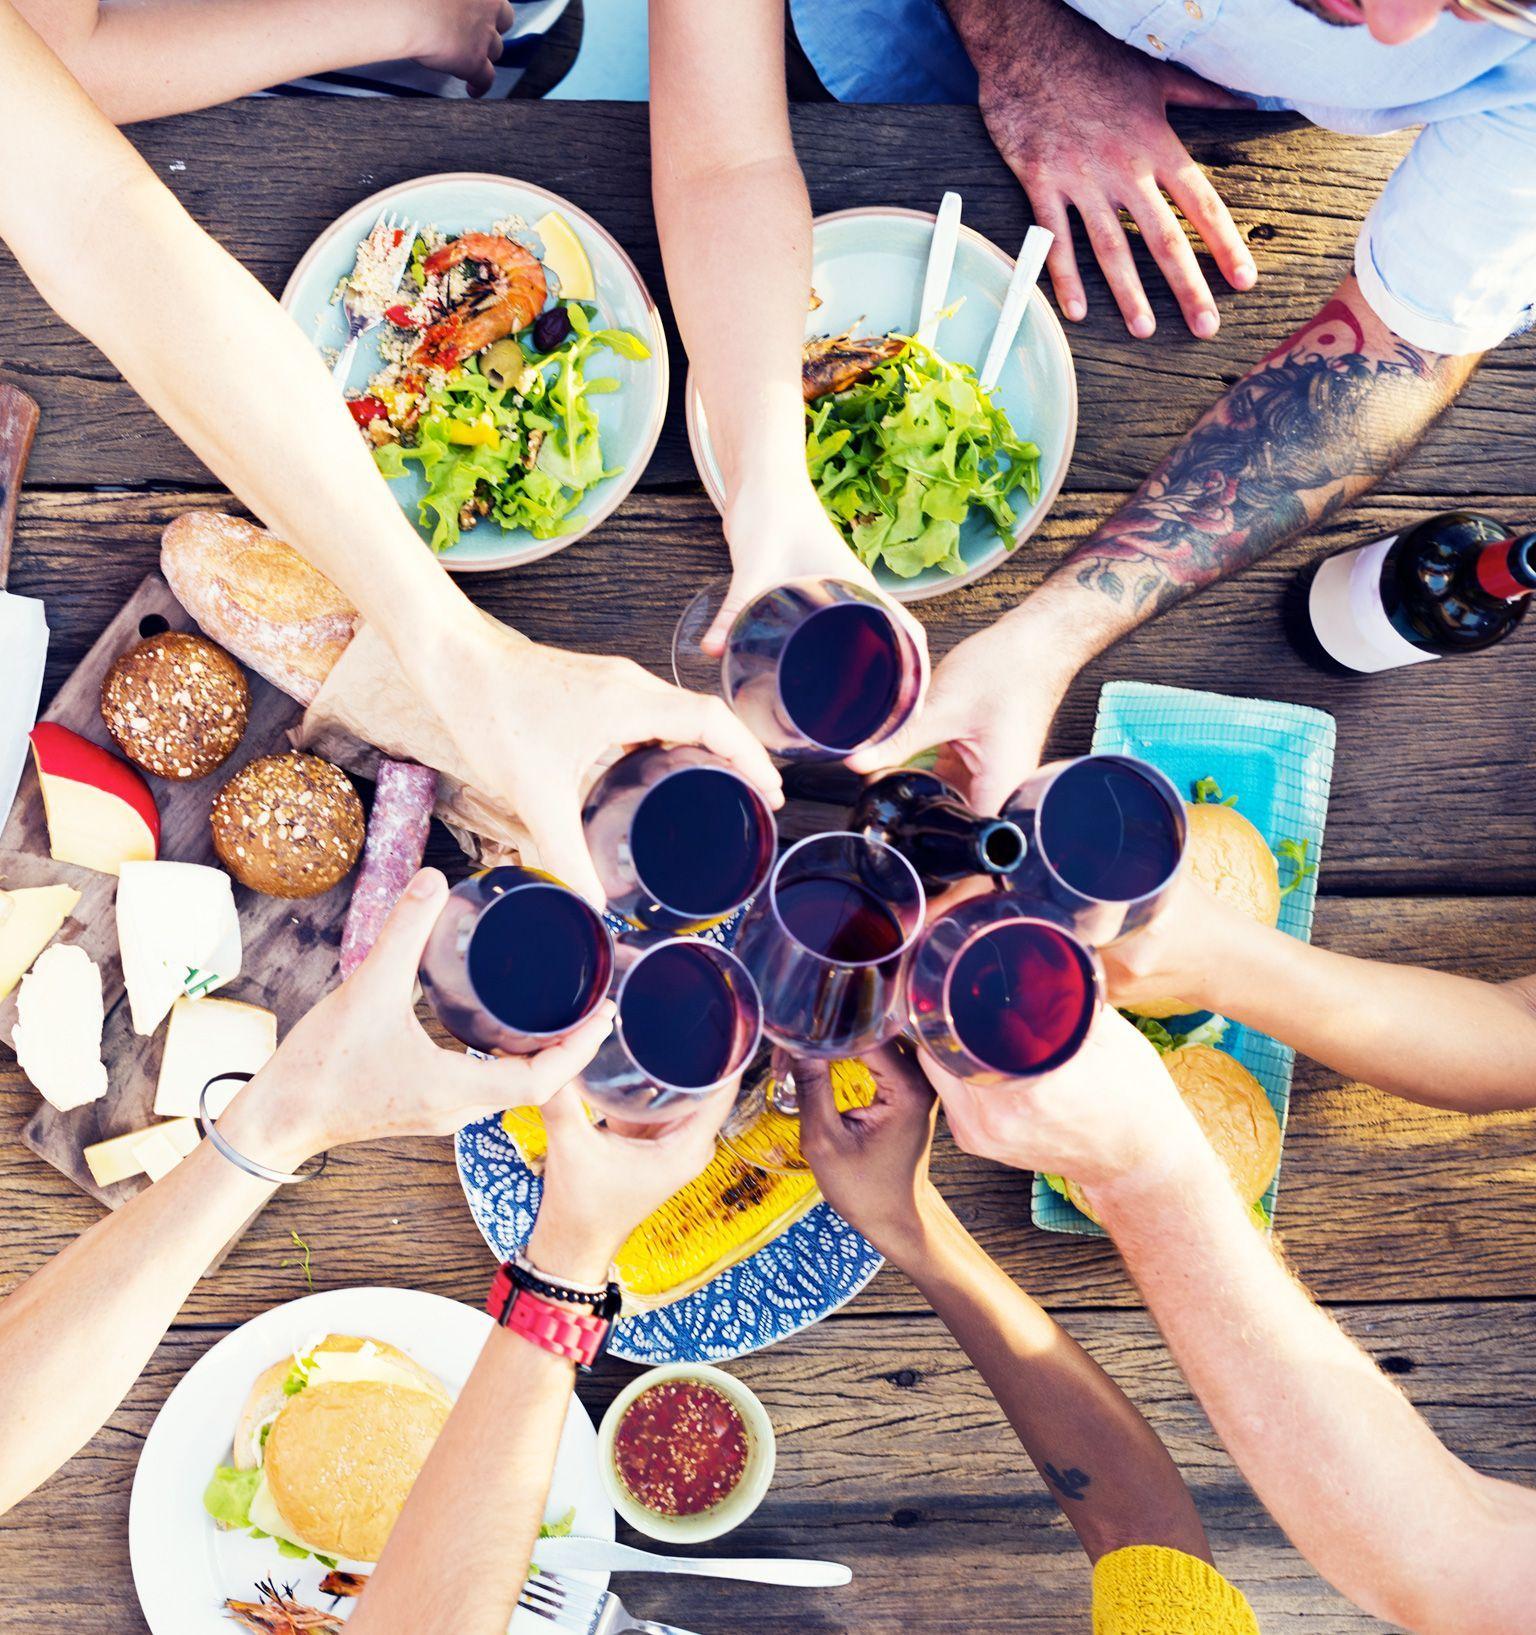 Mangiare bene con gli ingredienti giusti: ecco il segreto per vivere alla grande